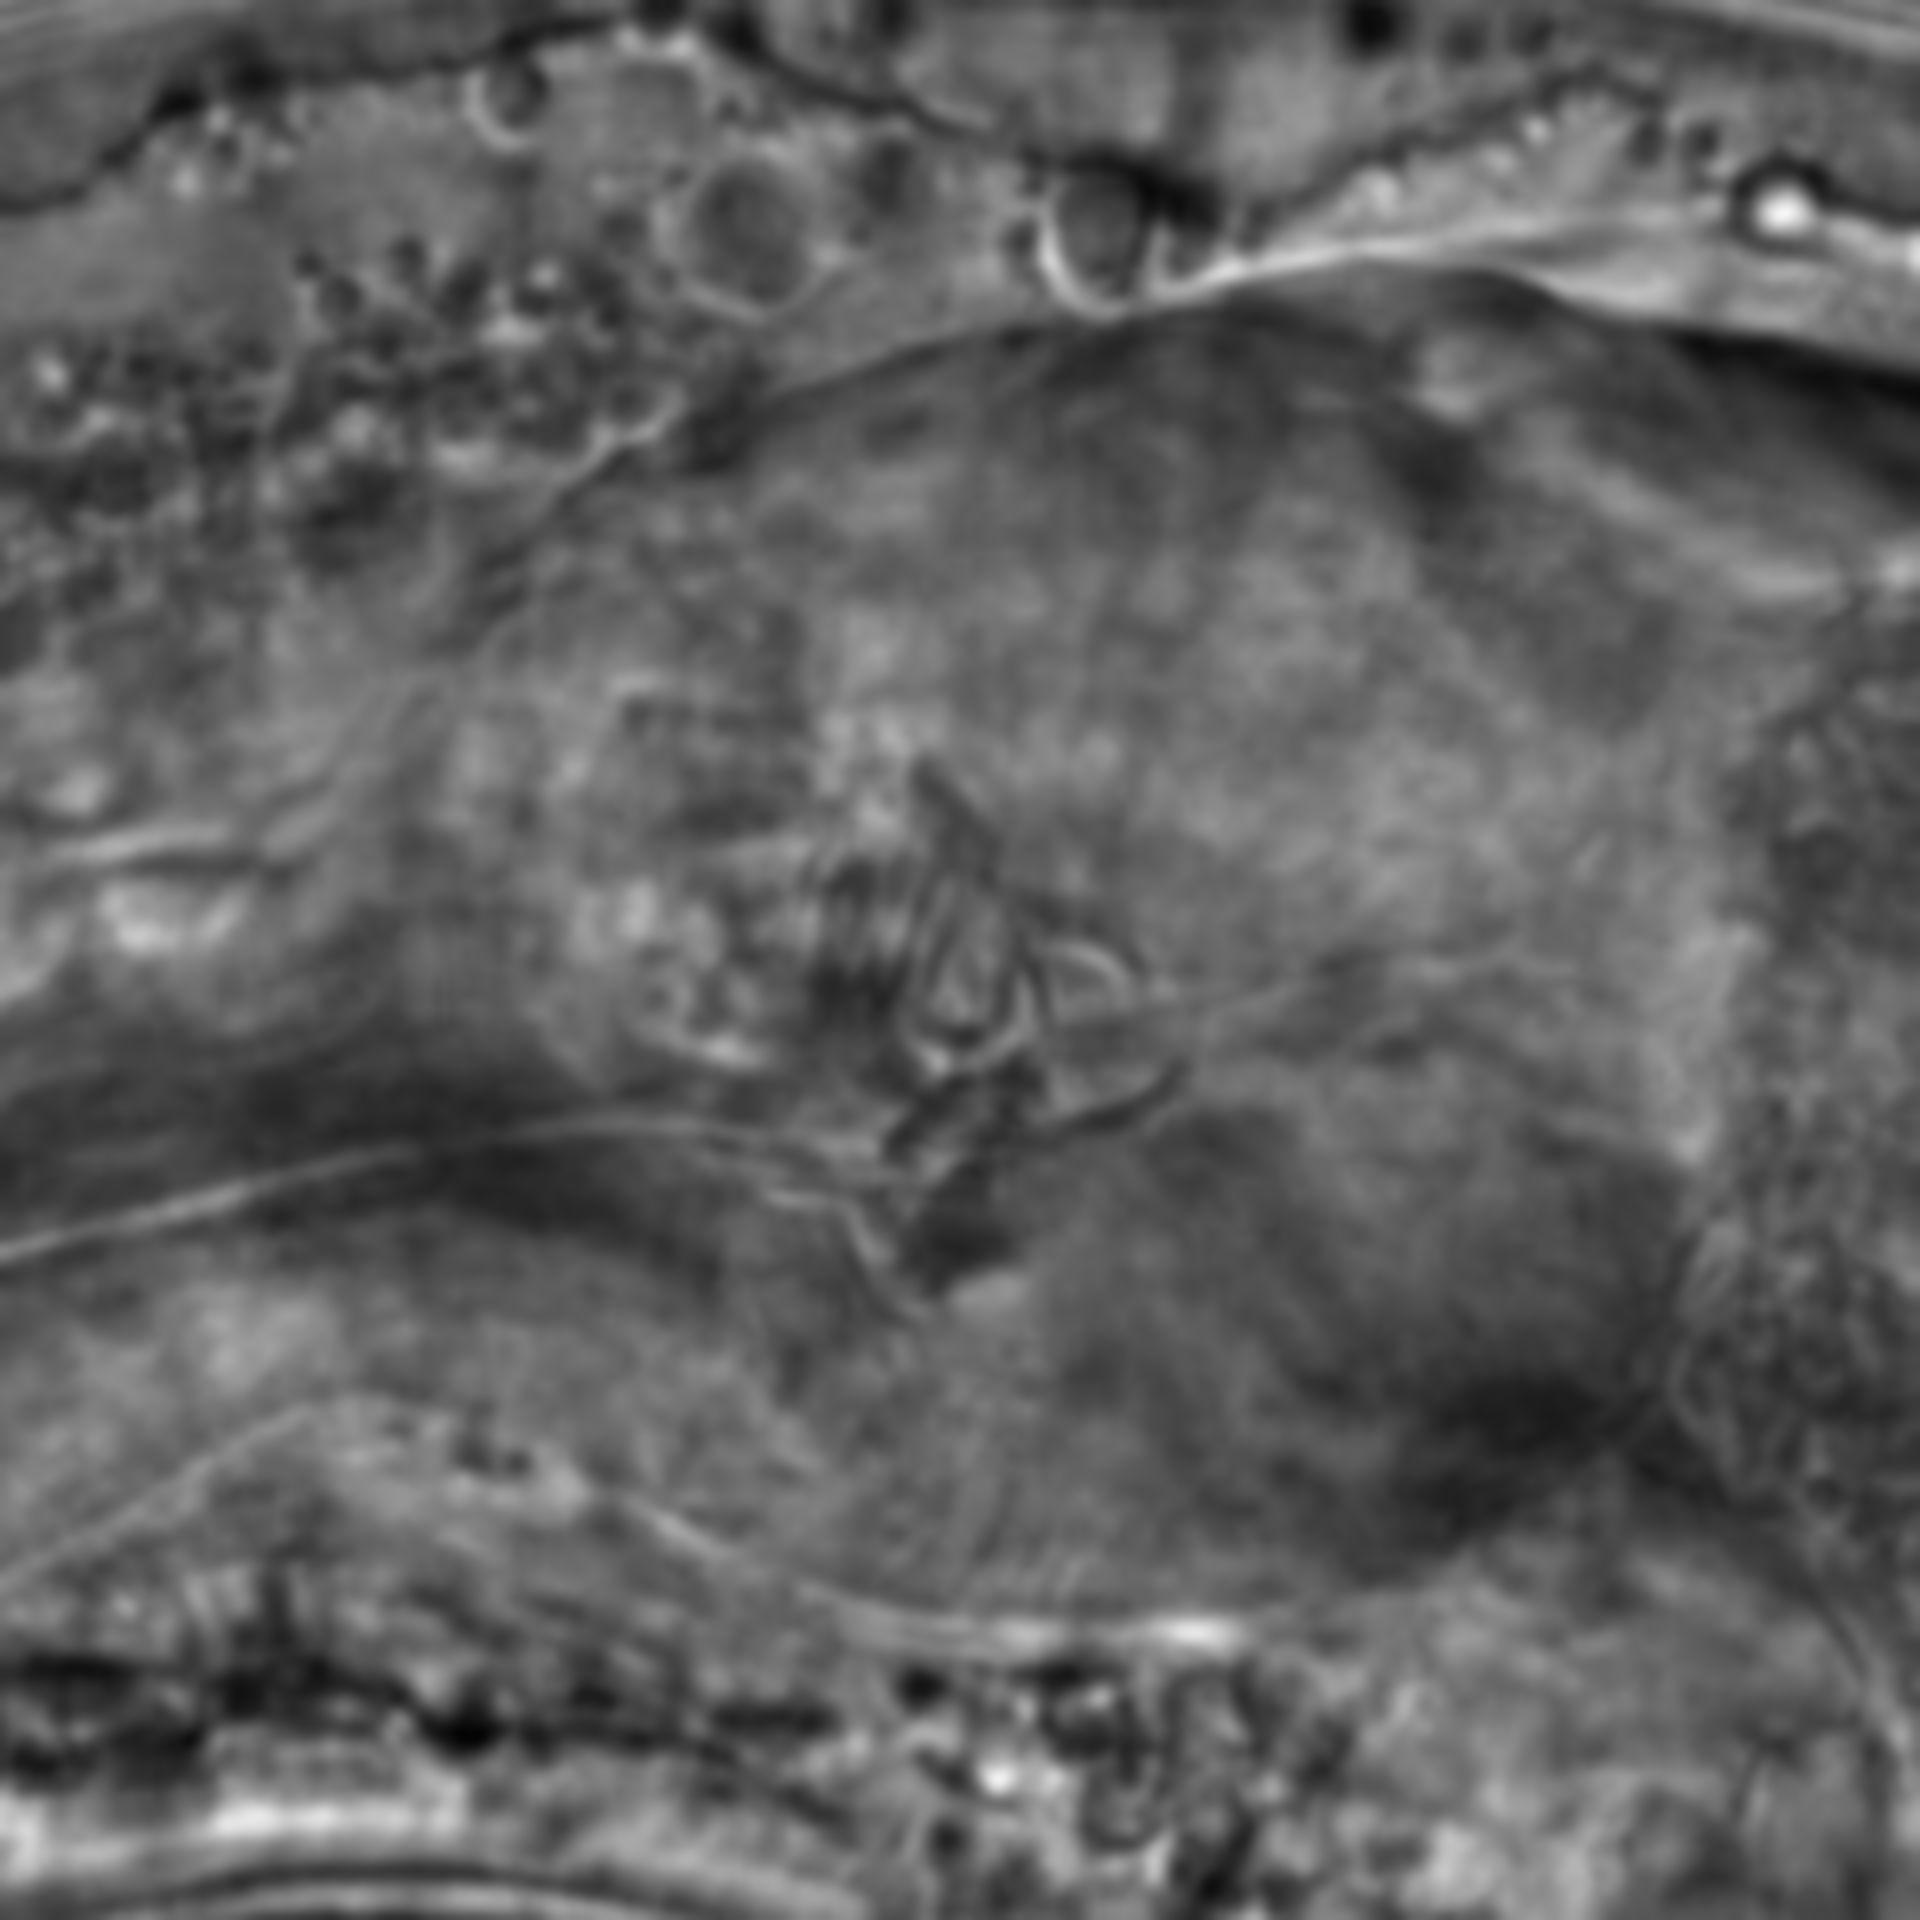 Caenorhabditis elegans - CIL:1781